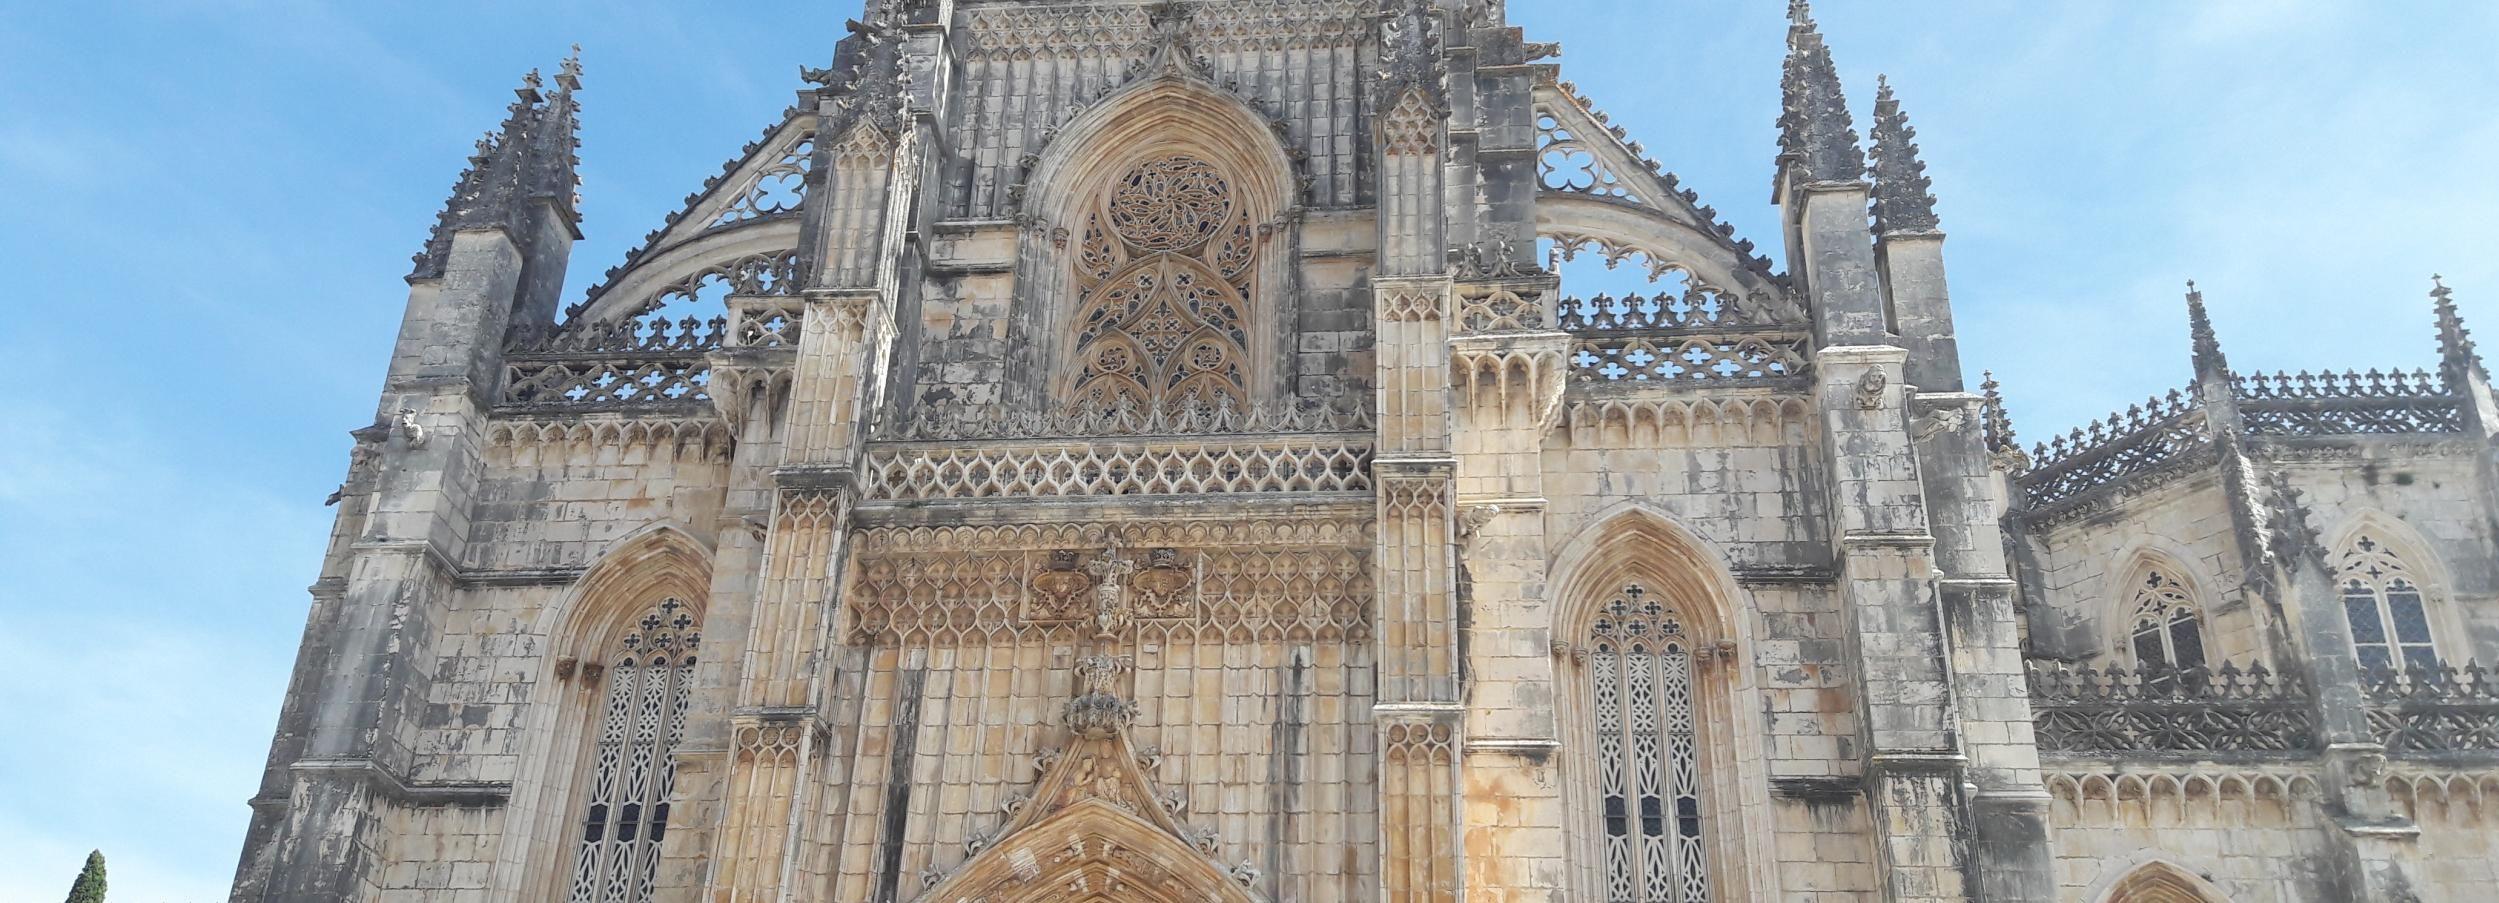 De Lisboa: Excursão Guiada Privada Maravilhas do Portugal Antigo